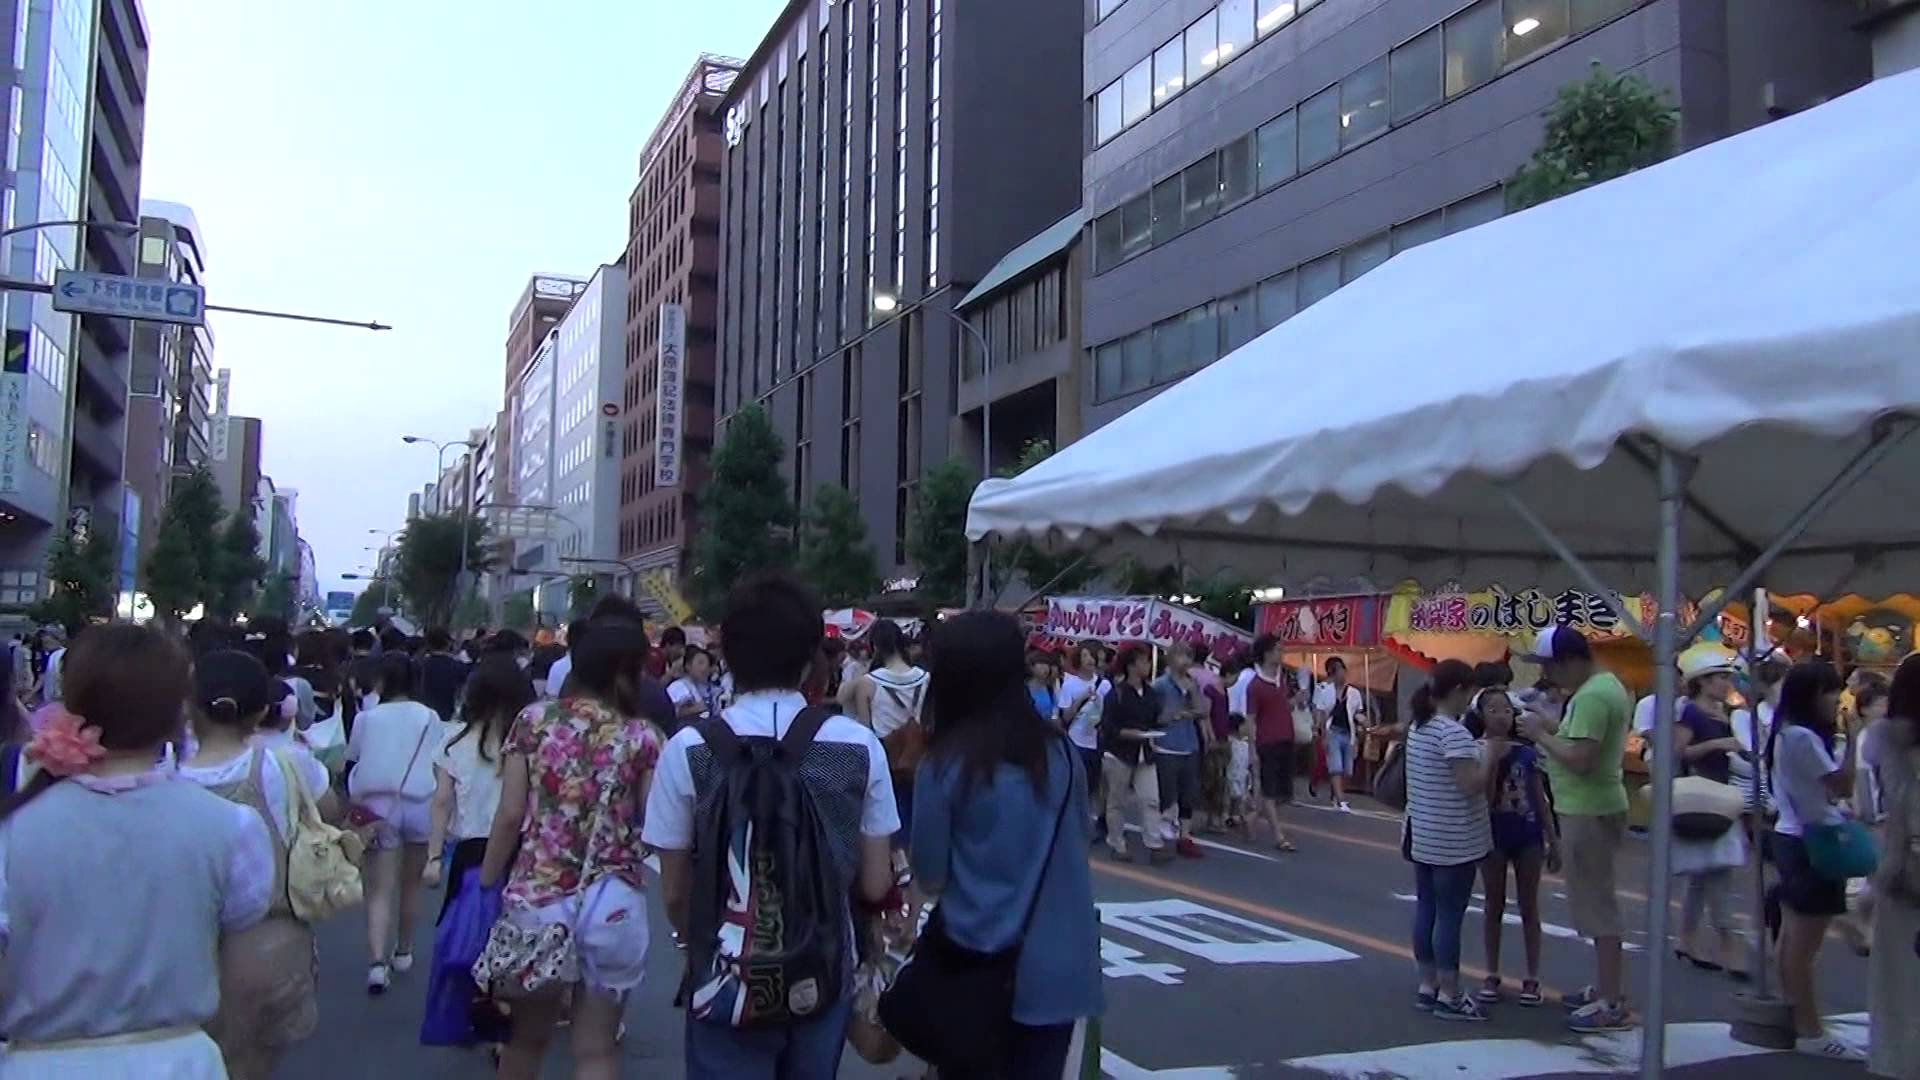 「祇園祭 宵々山」お祭り情緒あふれる歩行者天国となった烏丸通や四条通